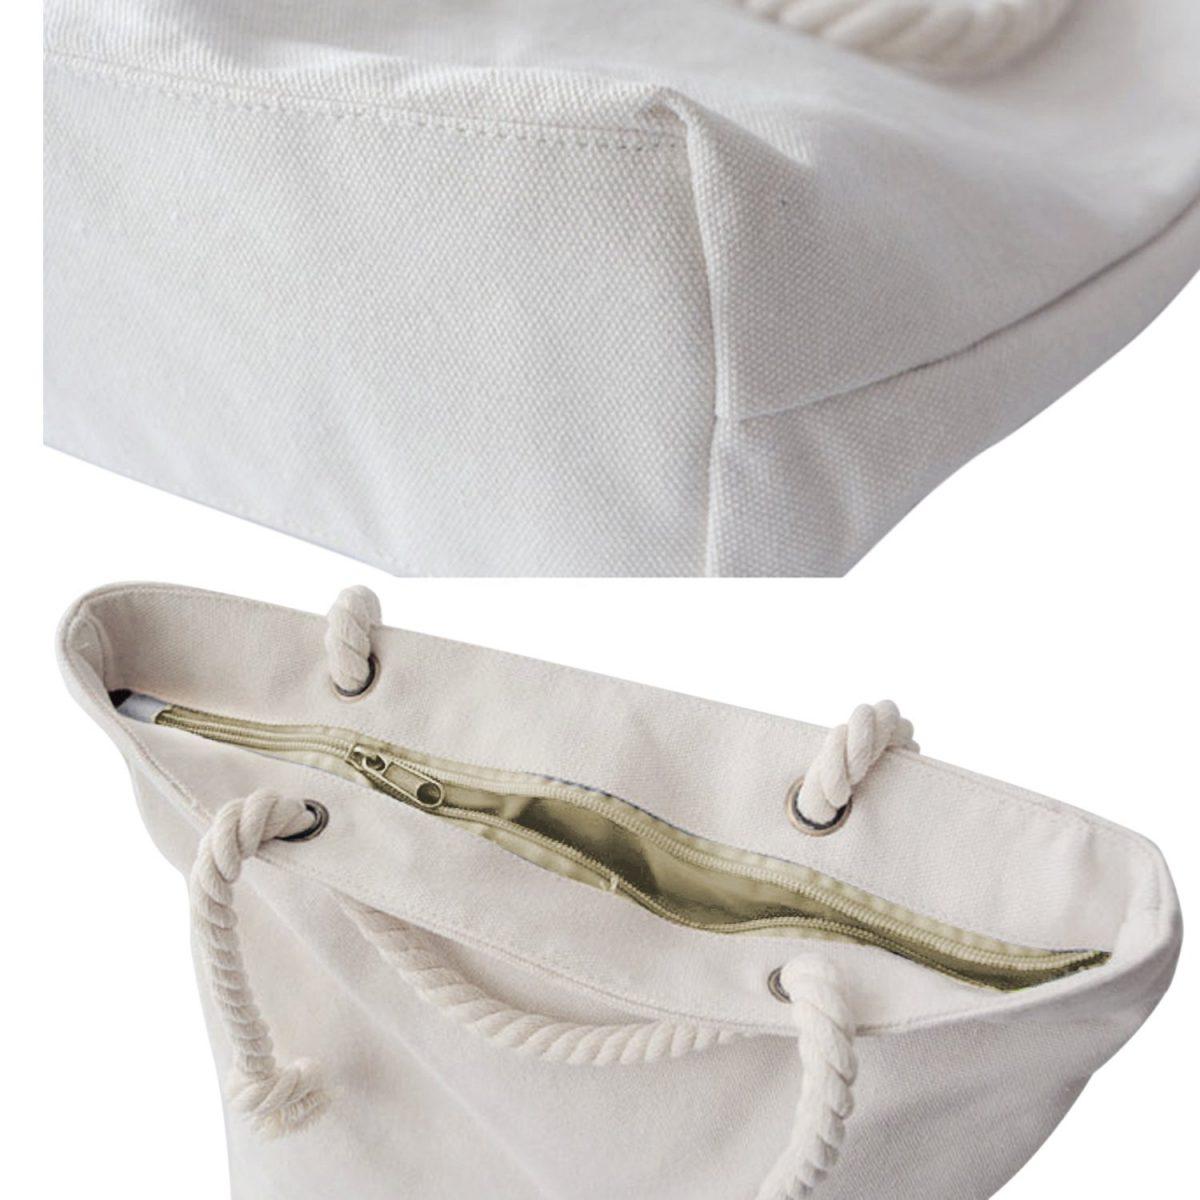 Fashion Baykuş Tasarımlı Dijital Baskılı Fermuarlı Kumaş Çanta Realhomes